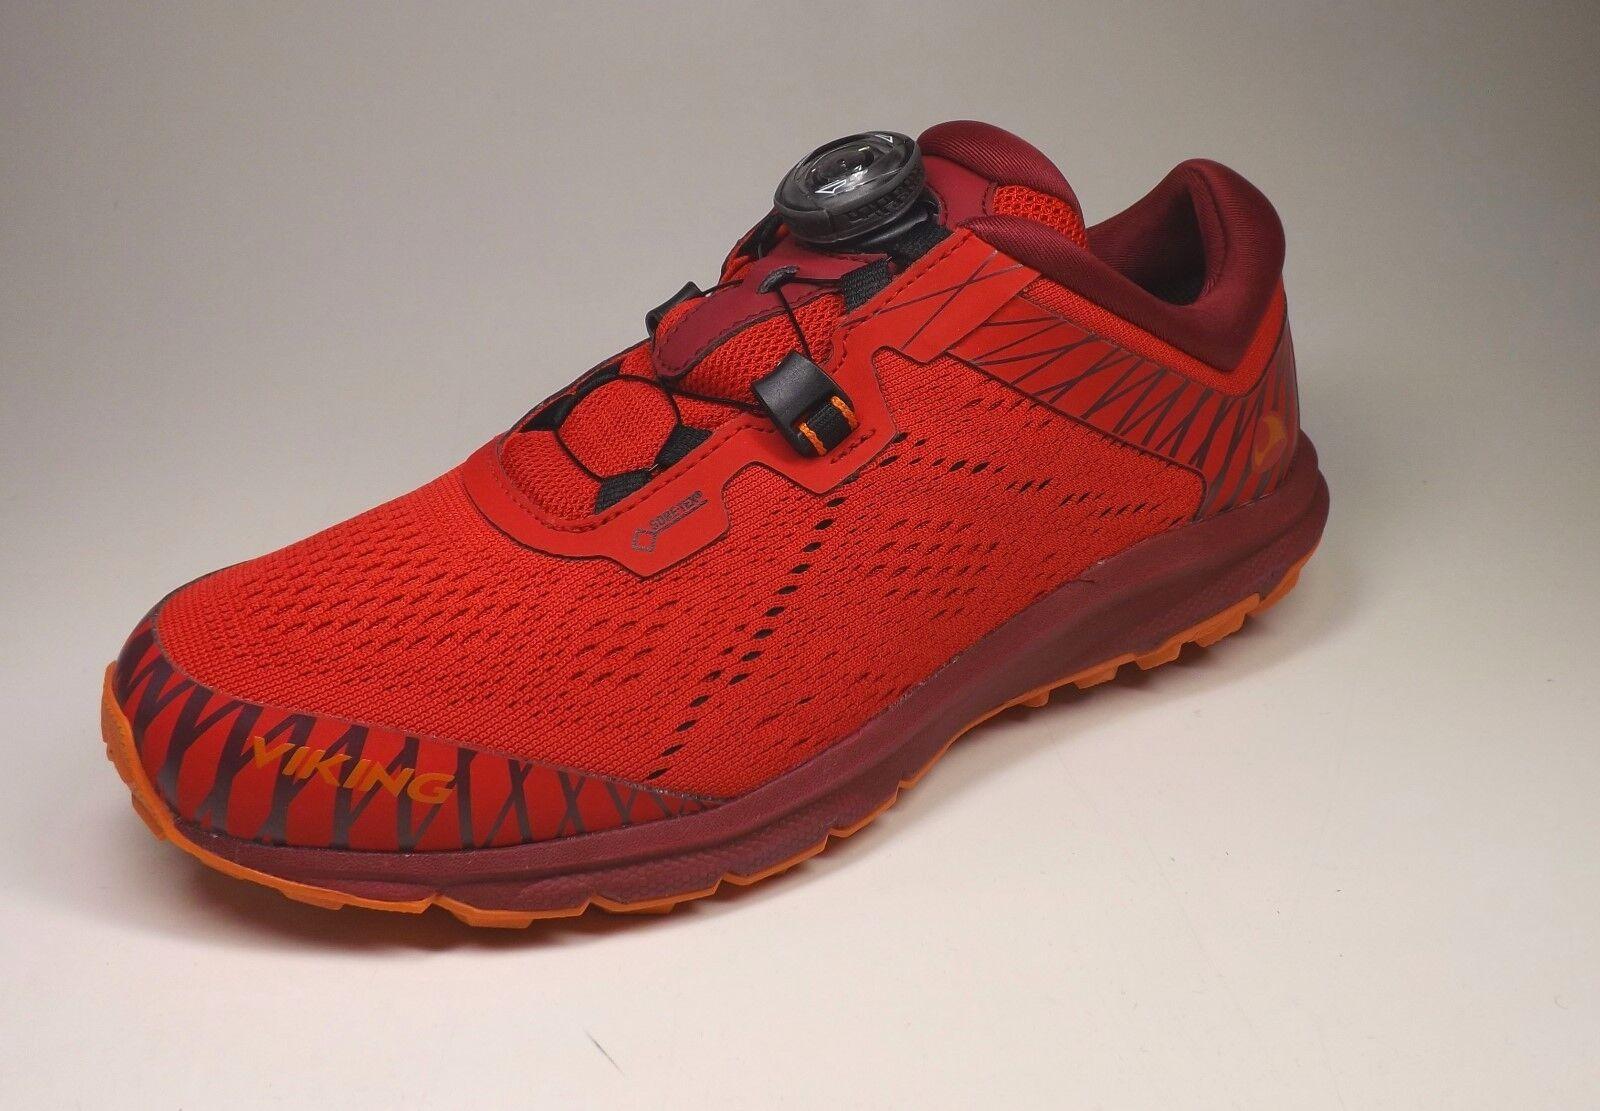 Sistema de cierre de la Viking Apex II GTX mujer zapatillas de montaña con BOA roja